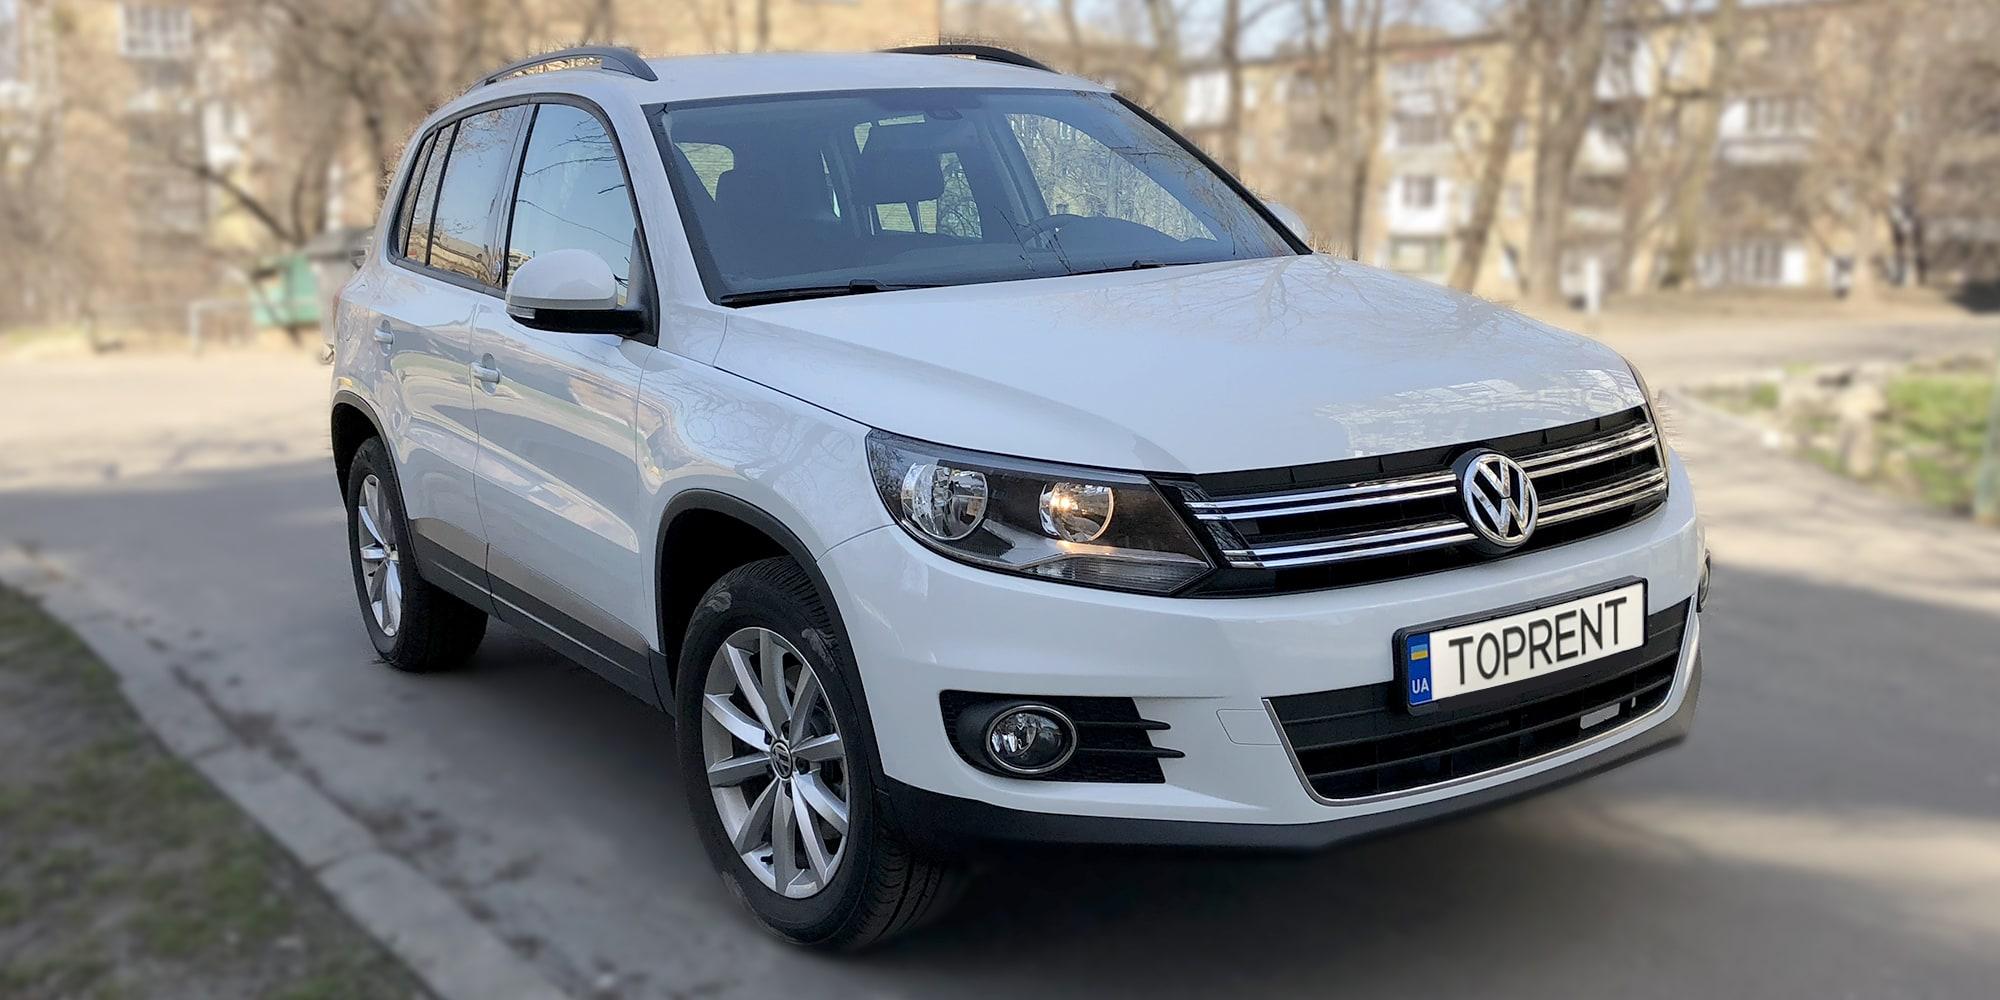 Volkswagen-Tiguan-2017-TopRent.UA-3